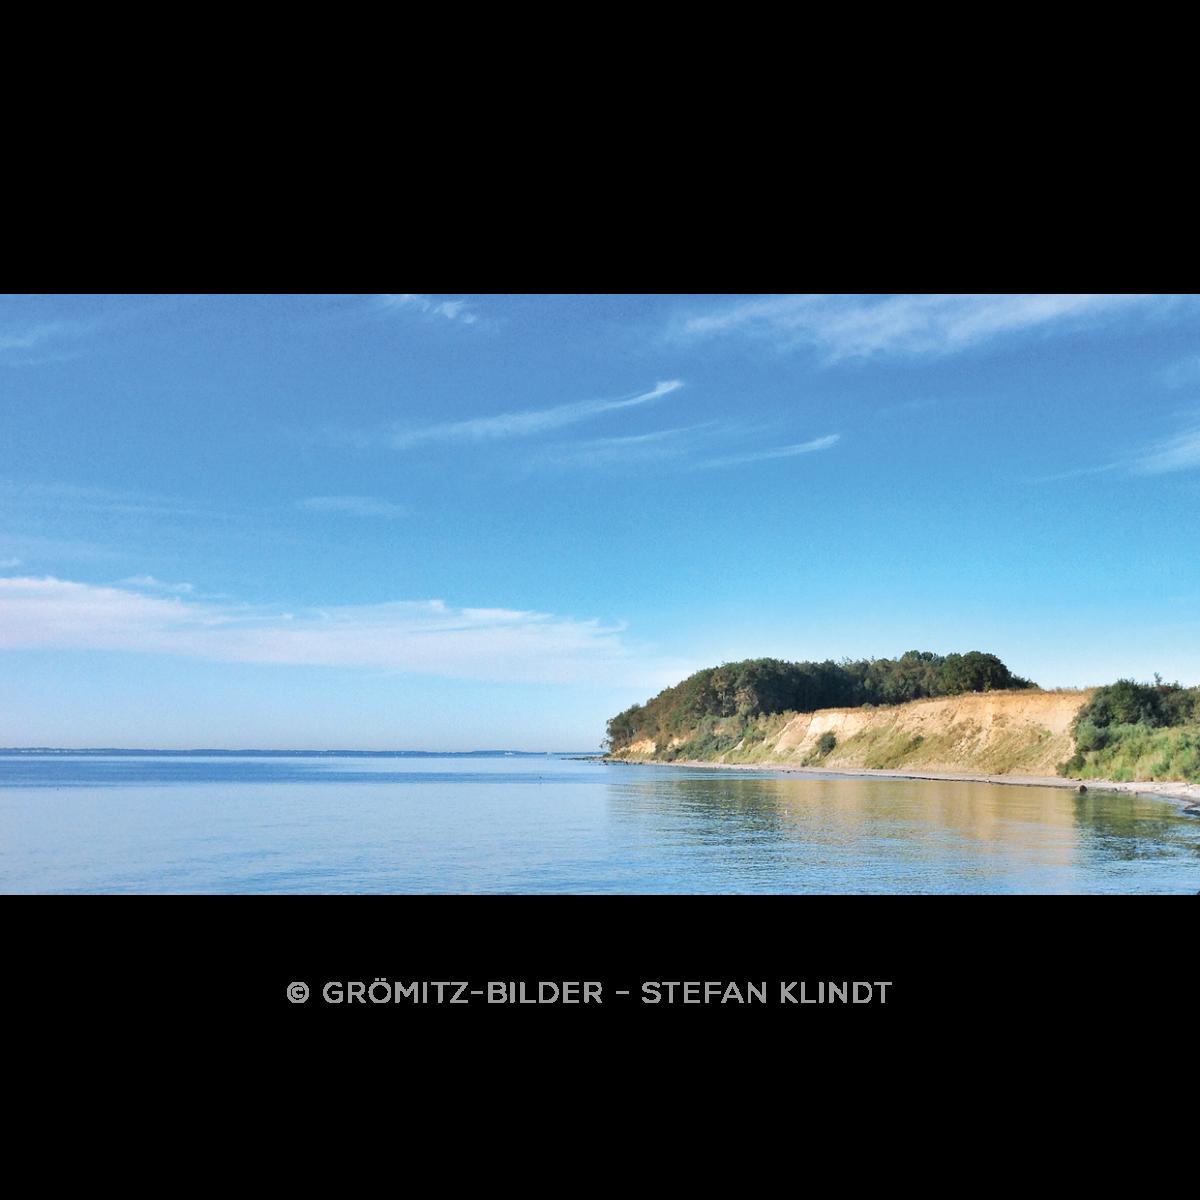 Grömitzer Steilküste westlich des Yachthafens